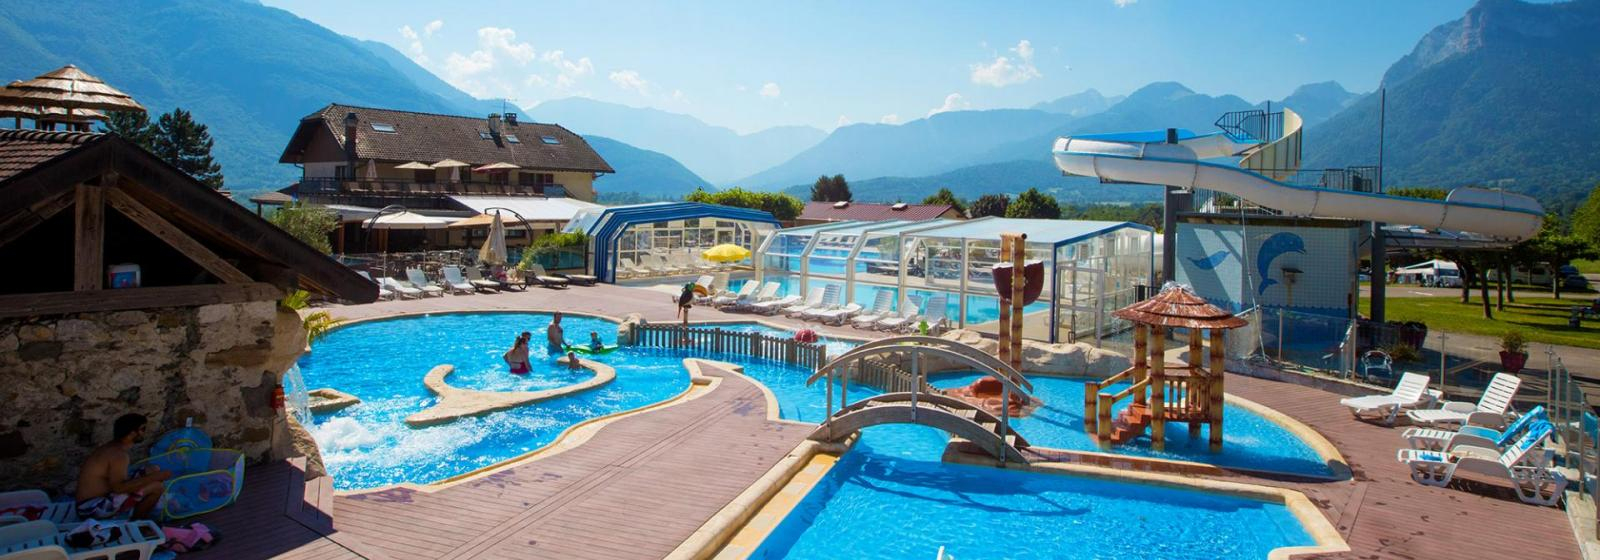 Camping L'ideal Lac D'annecy | Camping Bord Du Lac Ville D ... dedans Camping Annecy Avec Piscine